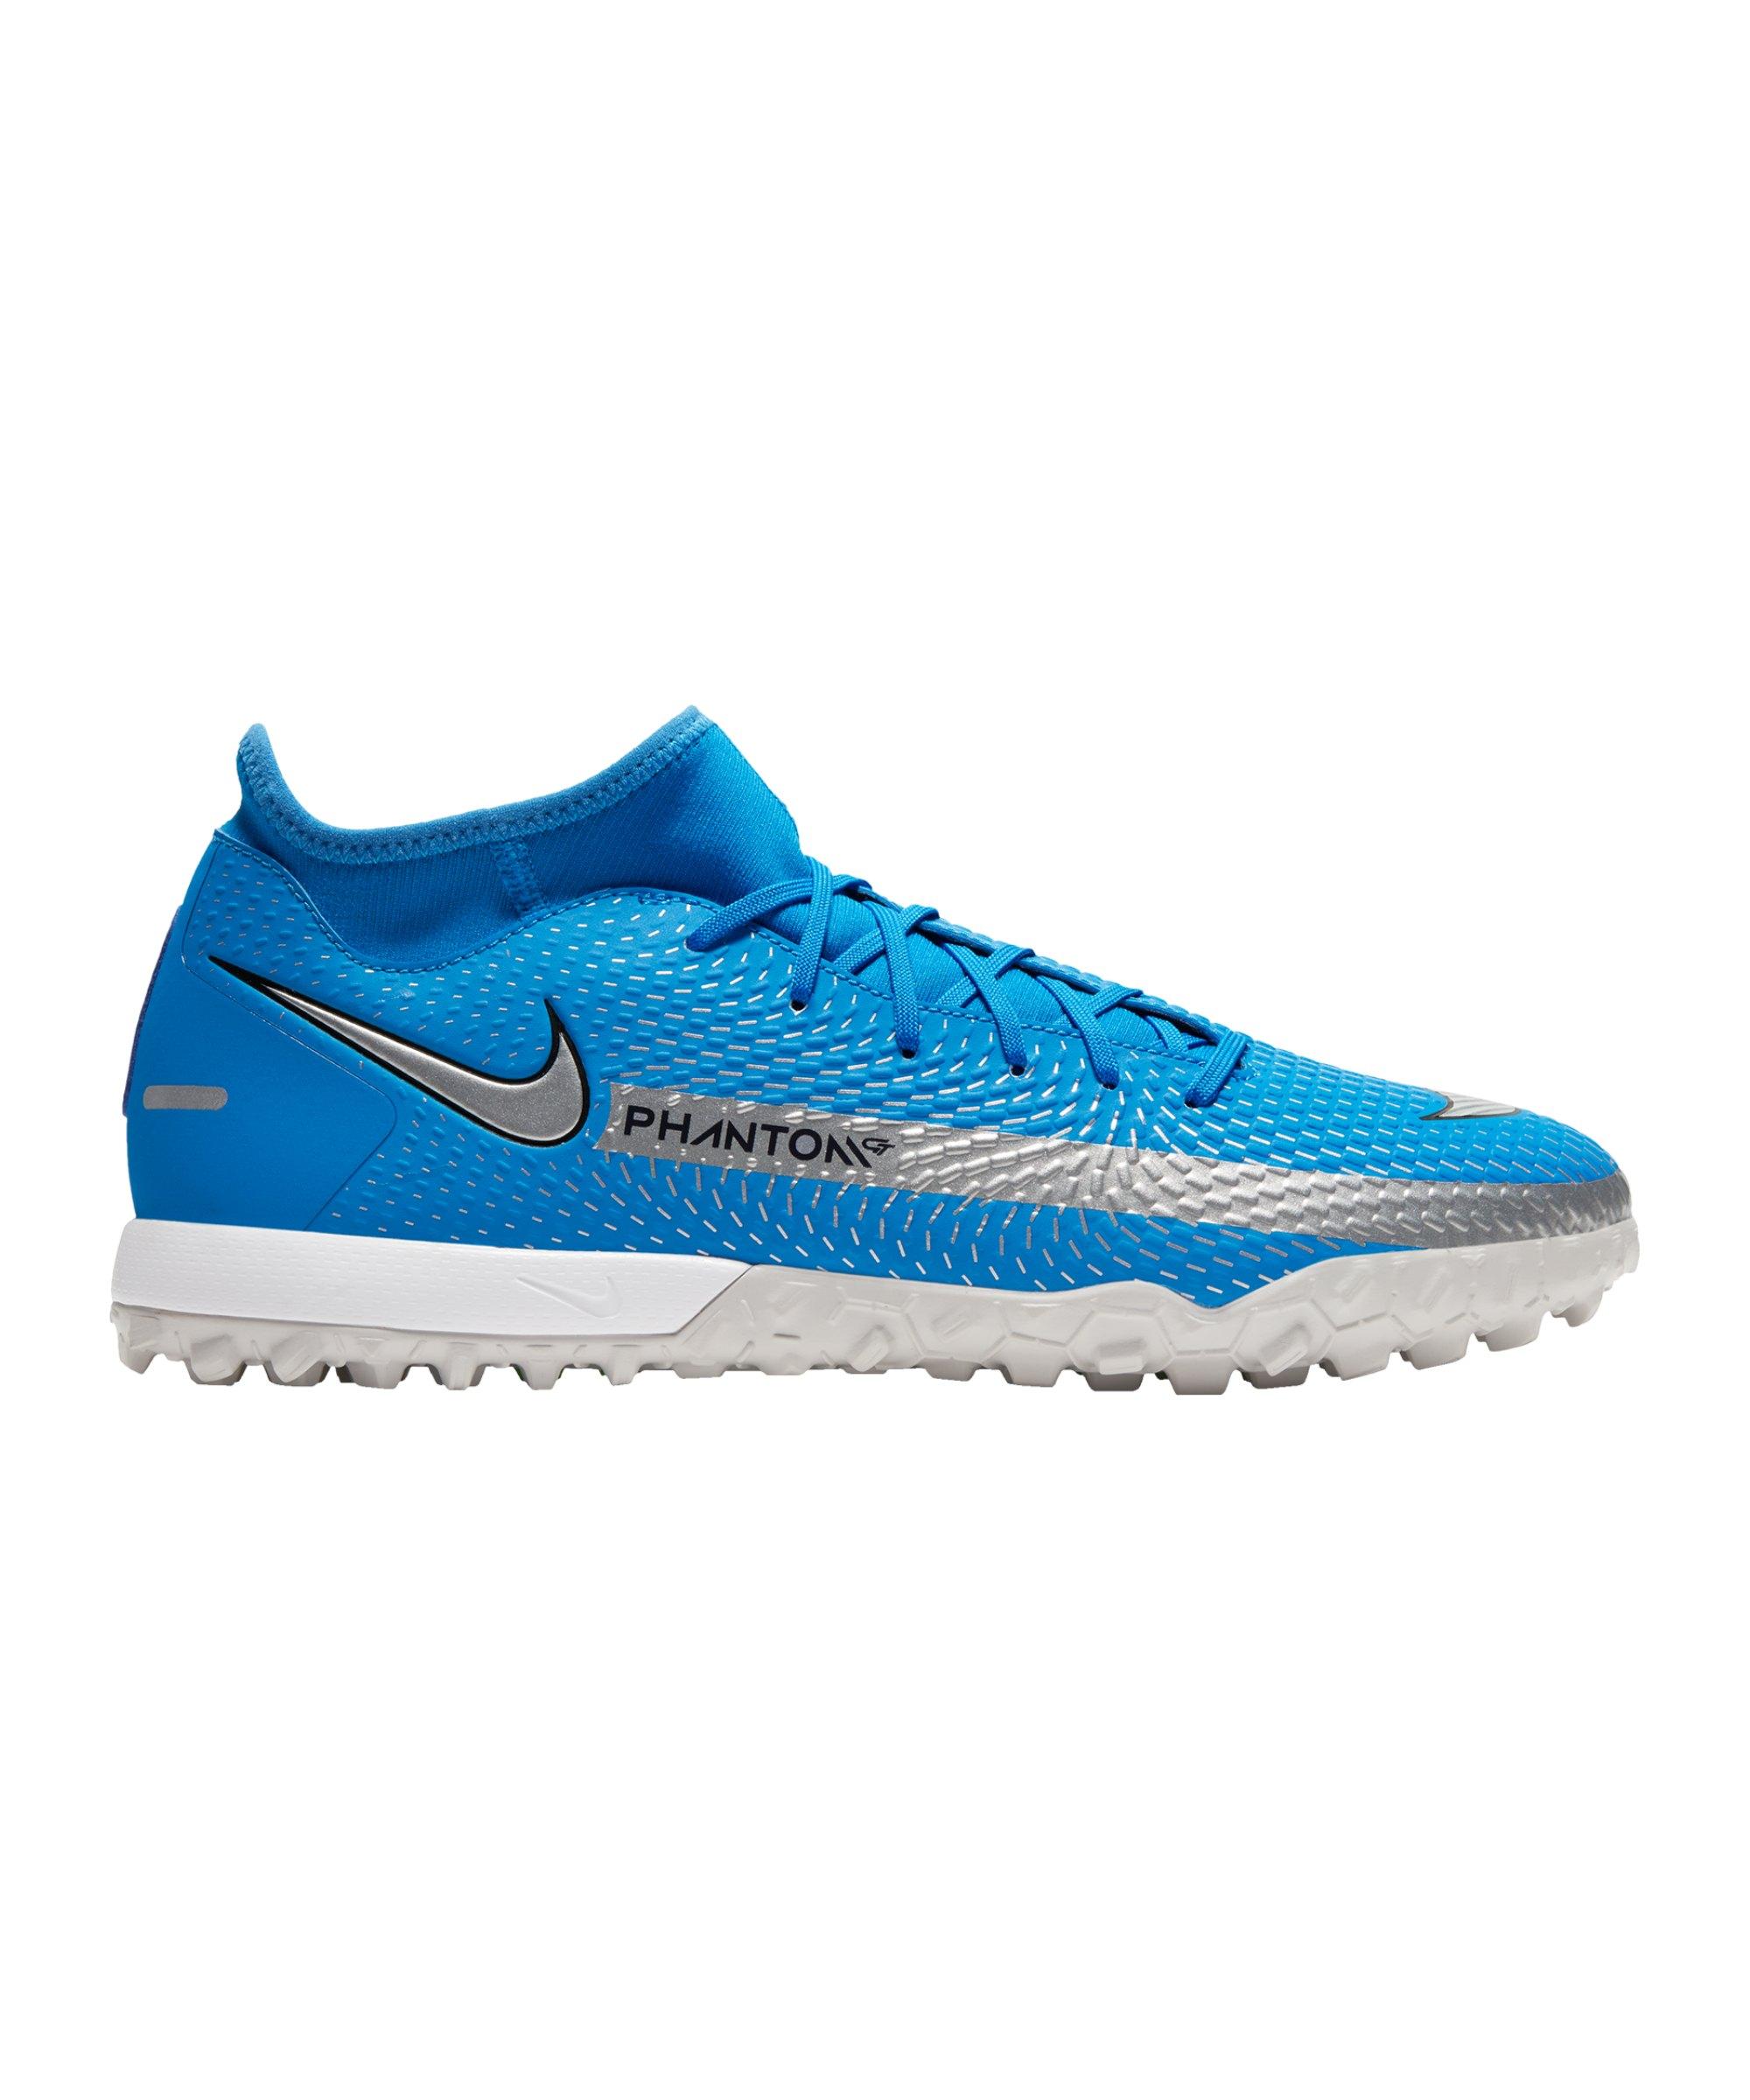 Nike Phantom GT Spectrum Academy DF TF Blau F400 - blau